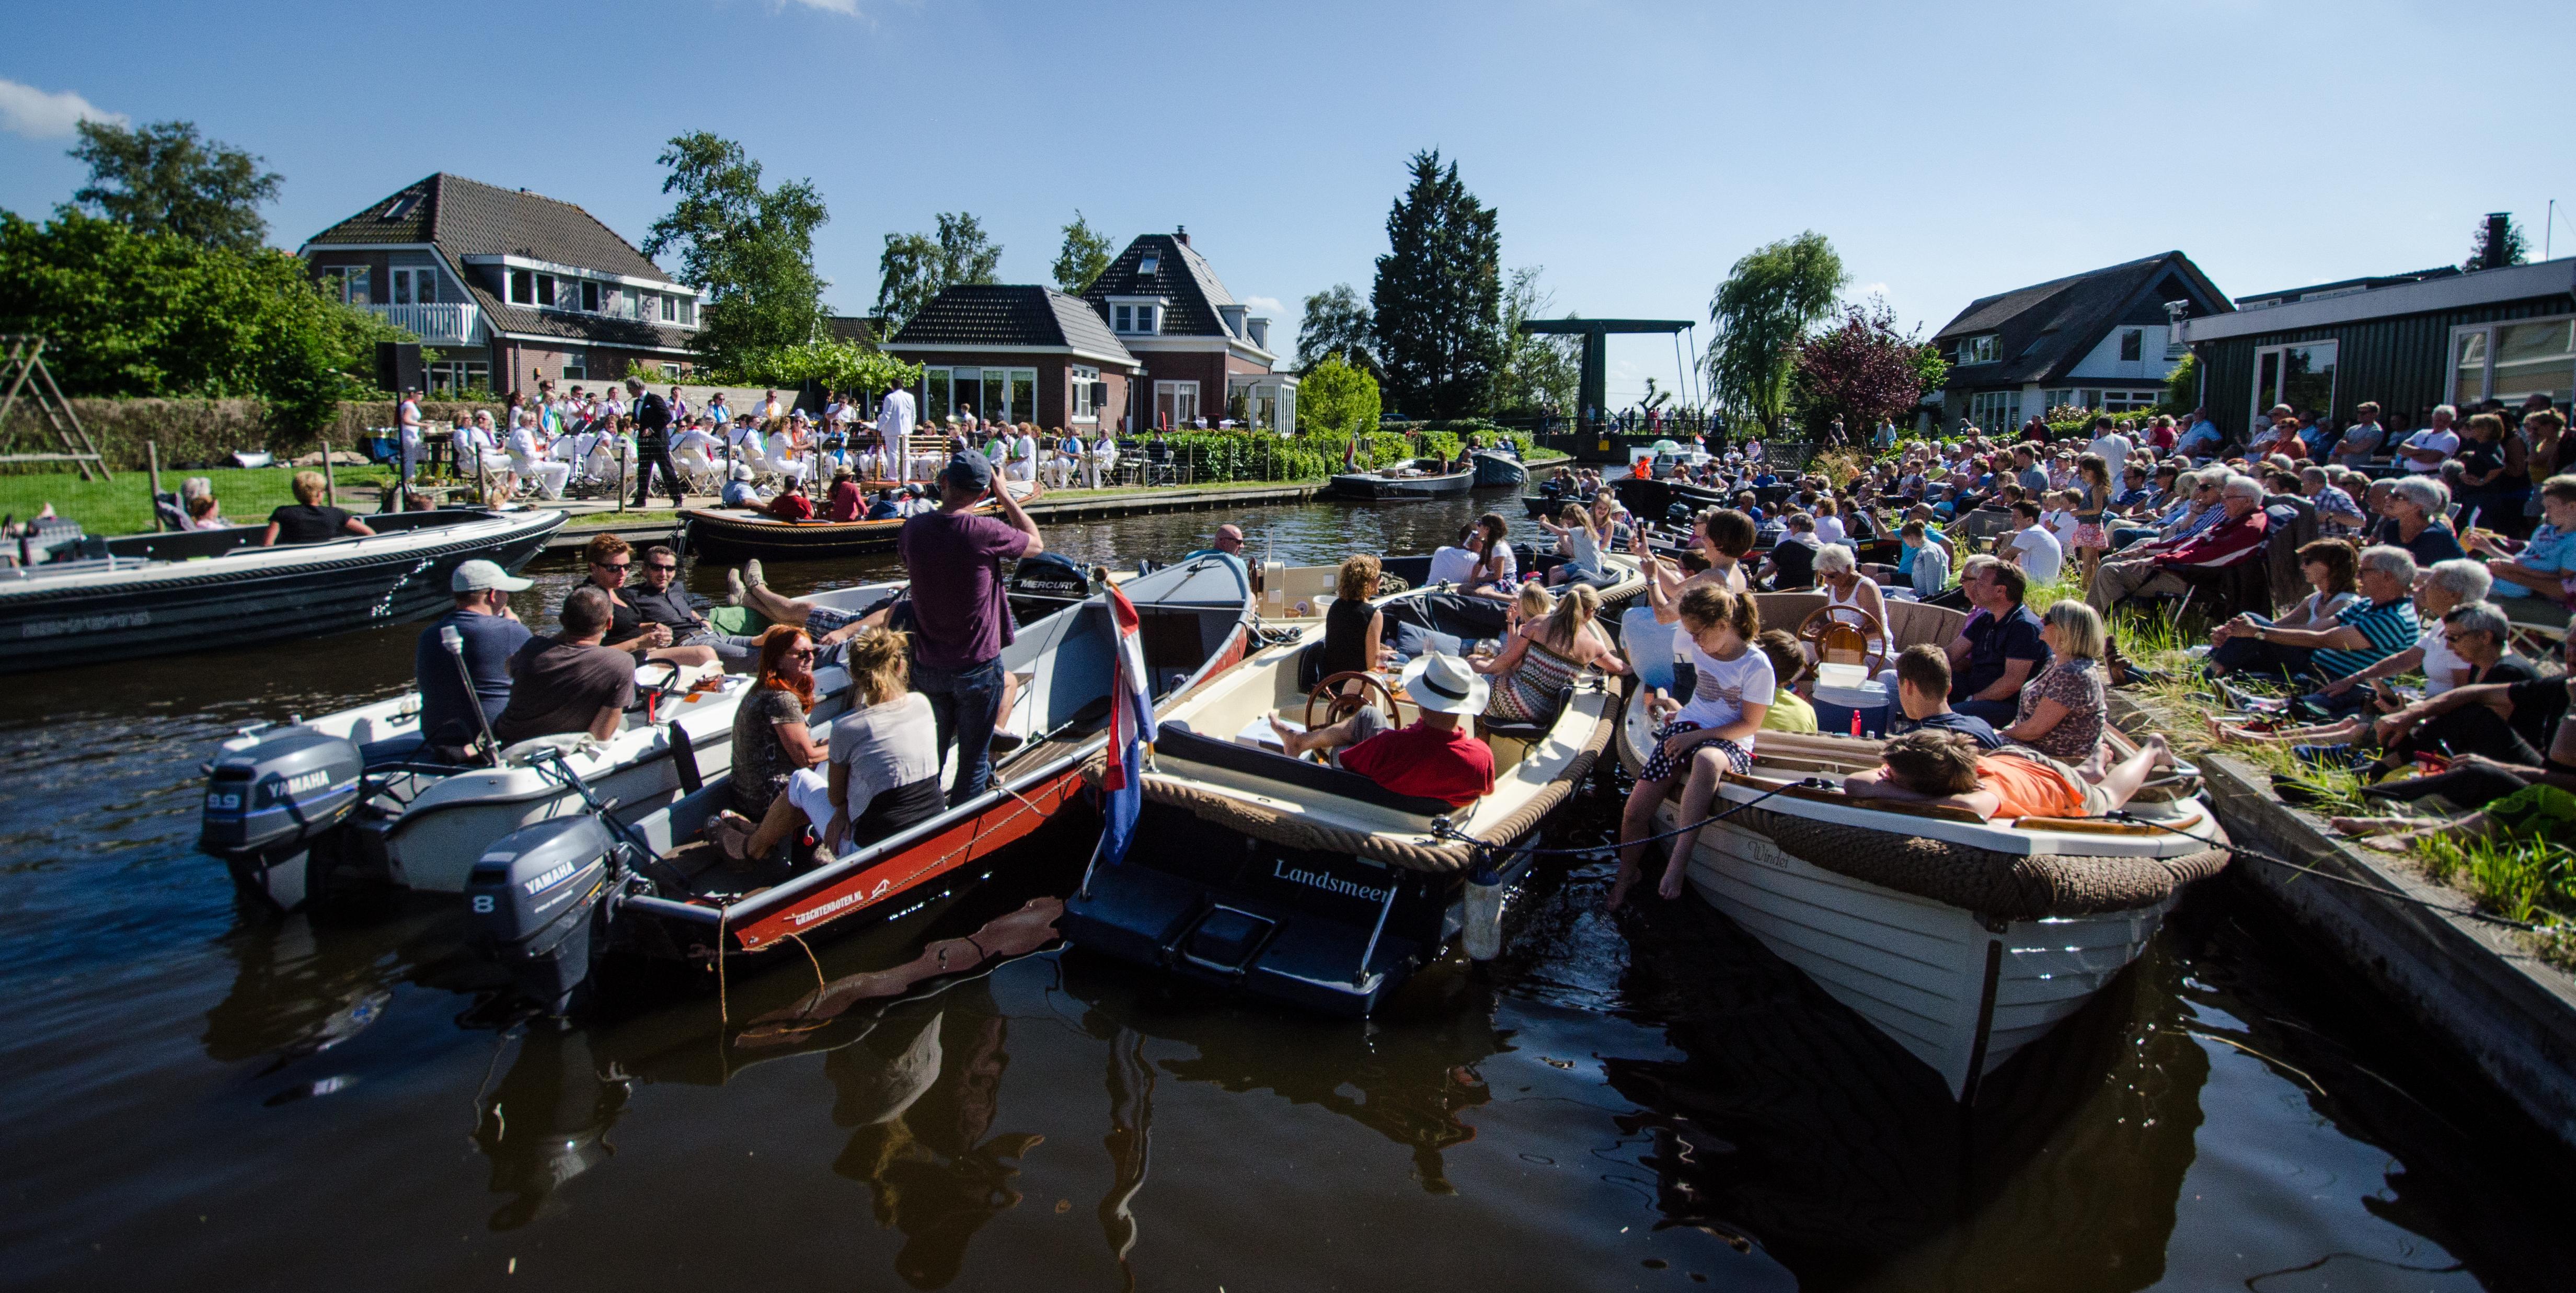 Geniet vanuit je eigen boot van de muziek van Amicitia. (Foto: Johan Vet)